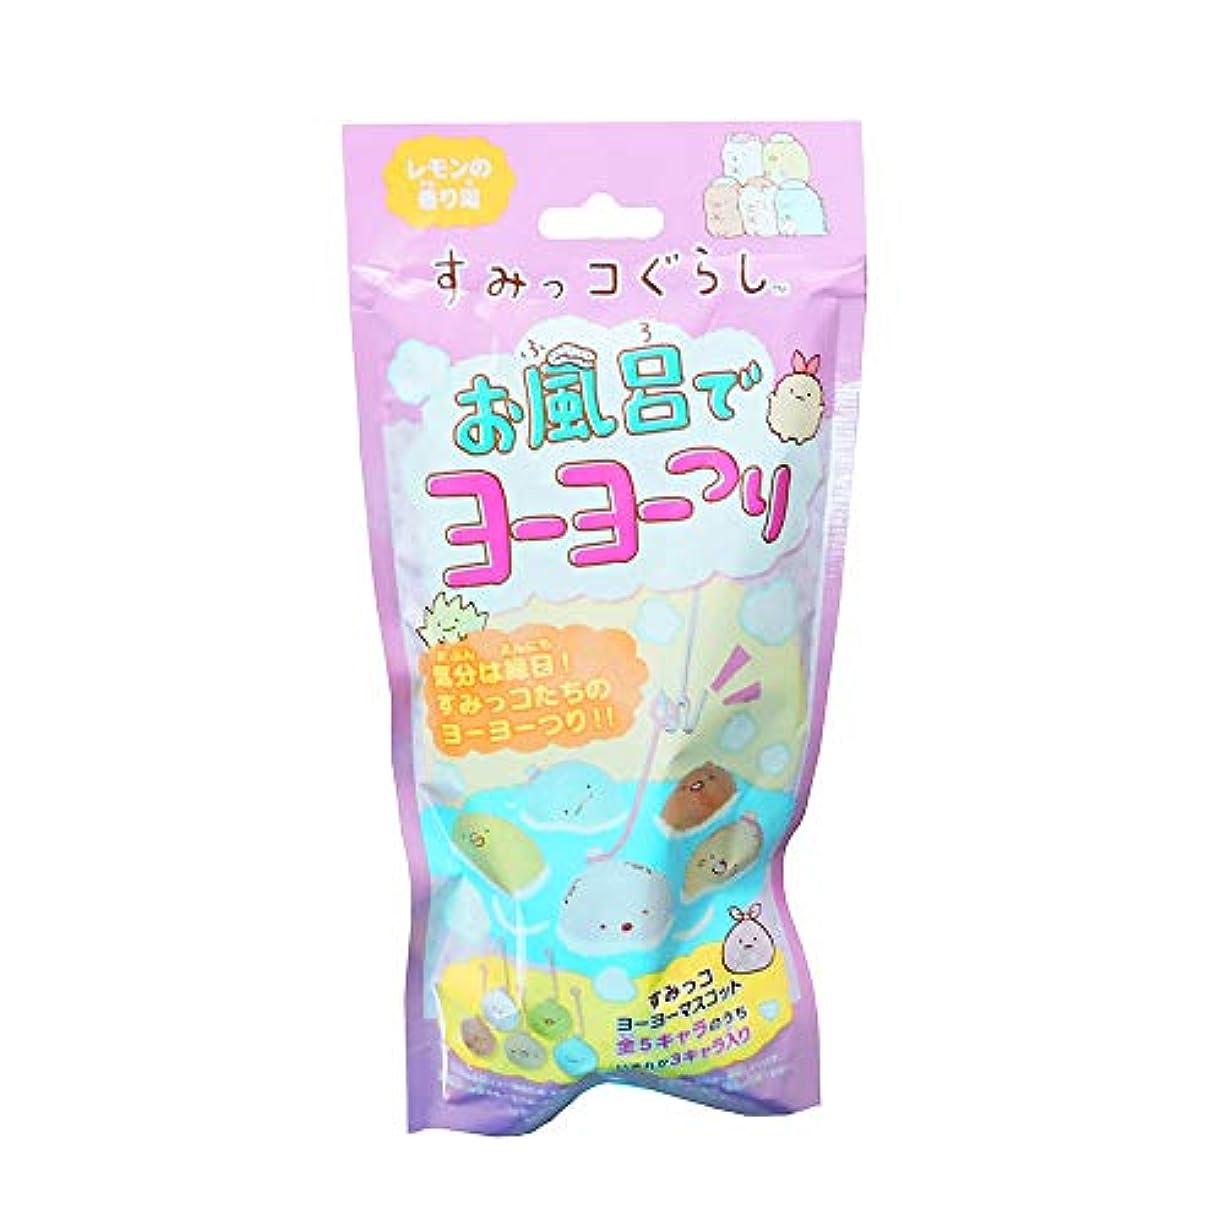 すみっコぐらし お風呂でヨーヨーつり レモンの香り湯 25g(1包)